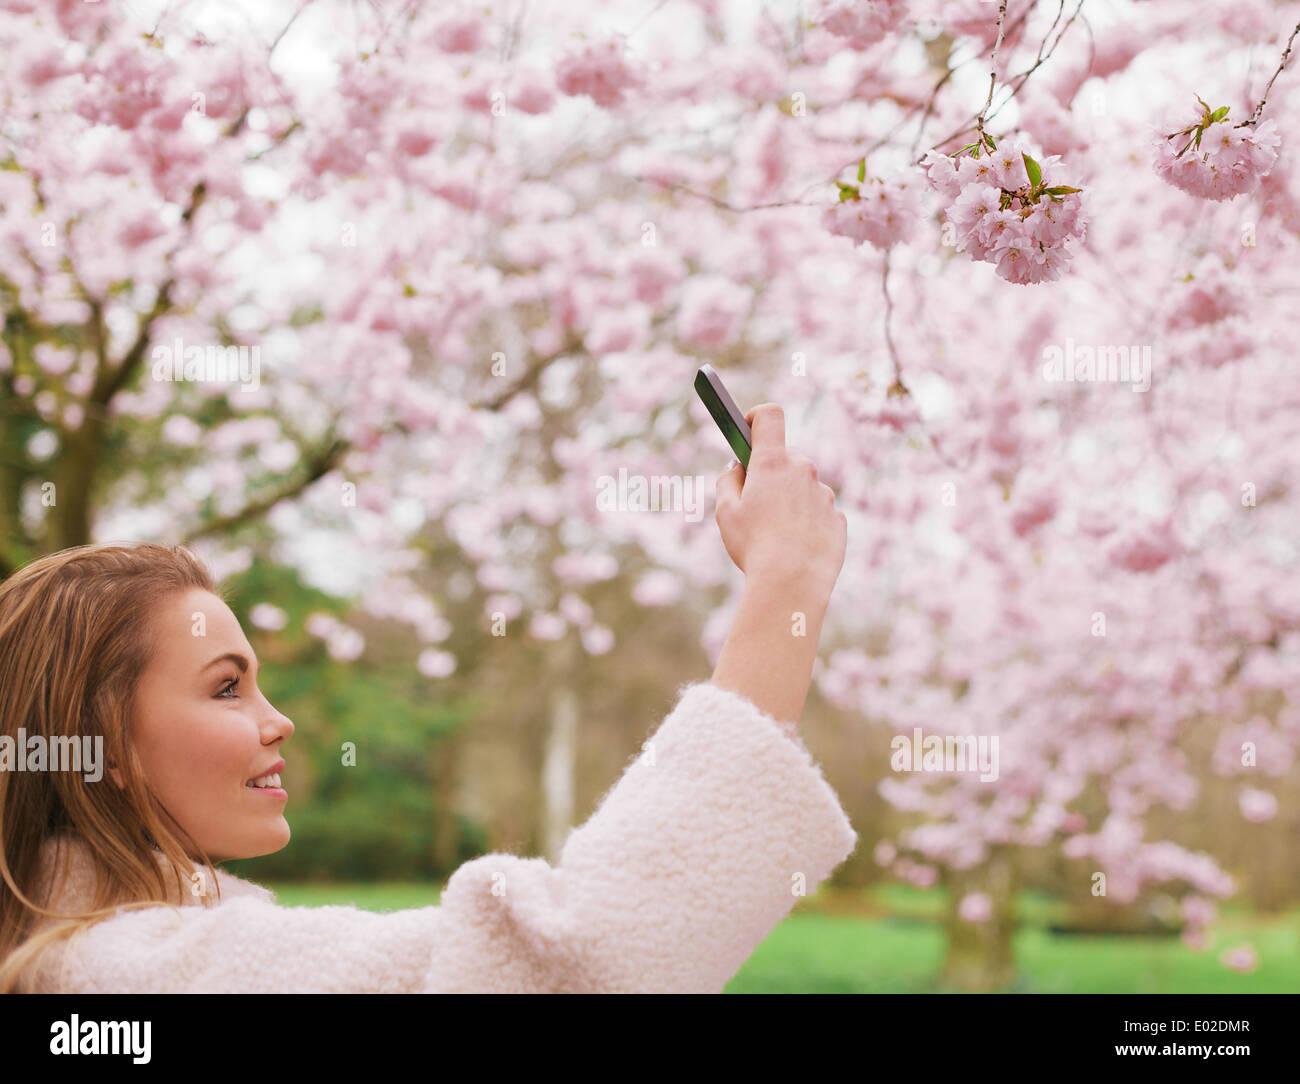 Jolie jeune femme à prendre des photos de fleurs roses fleurs à un parc en fleurs au printemps. Belle prise femelle de race blanche. Photo Stock